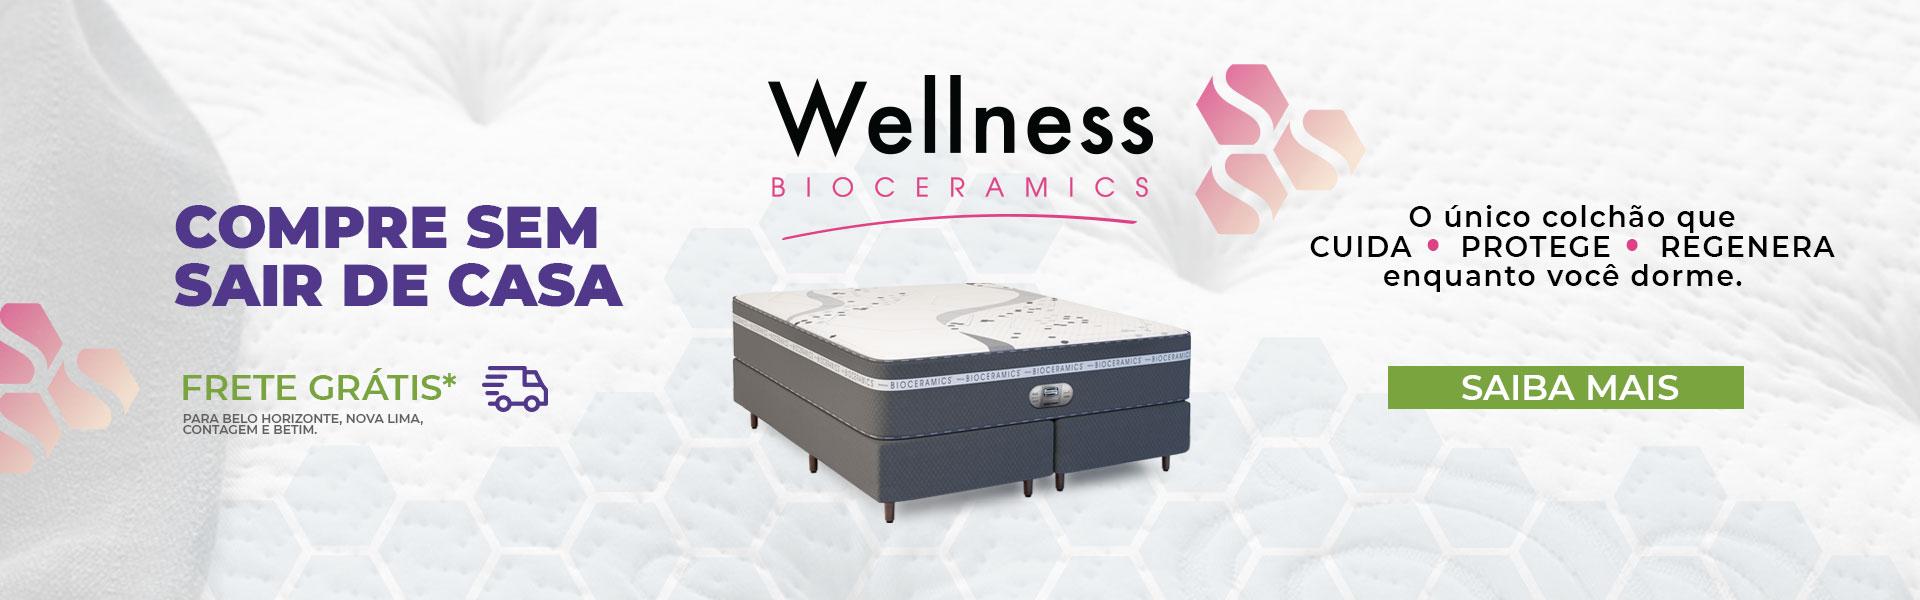 Simmons-Bioceramics